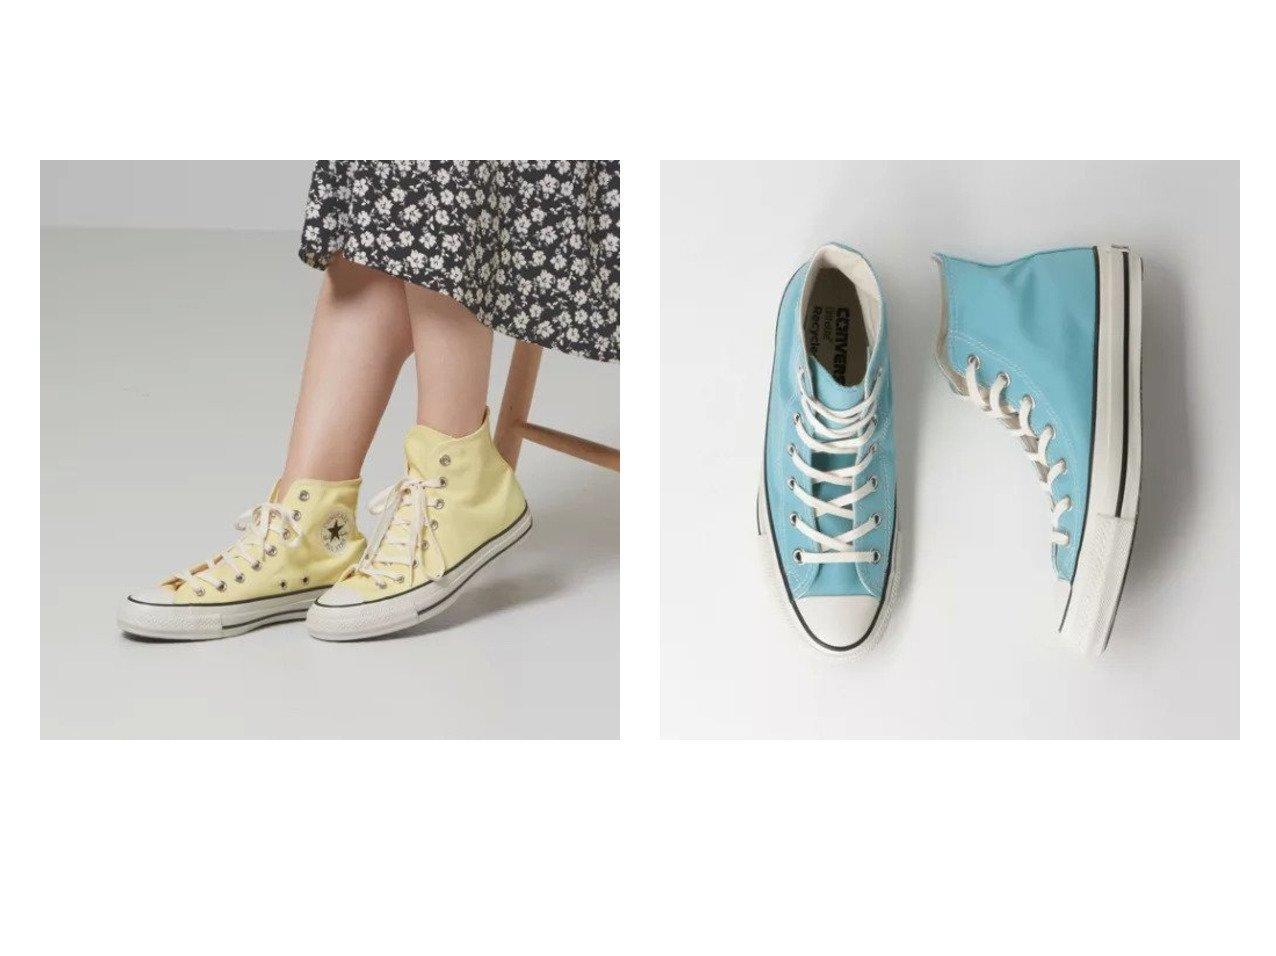 【THE STATION STORE / UNITED ARROWS/ザ ステーション ストア】のALL STAR PET カラー スニーカー シューズ・靴のおすすめ!人気、トレンド・レディースファッションの通販 おすすめで人気の流行・トレンド、ファッションの通販商品 メンズファッション・キッズファッション・インテリア・家具・レディースファッション・服の通販 founy(ファニー) https://founy.com/ ファッション Fashion レディースファッション WOMEN イエロー インソール シューズ スニーカー トレンド プリント 今季 |ID:crp329100000023355